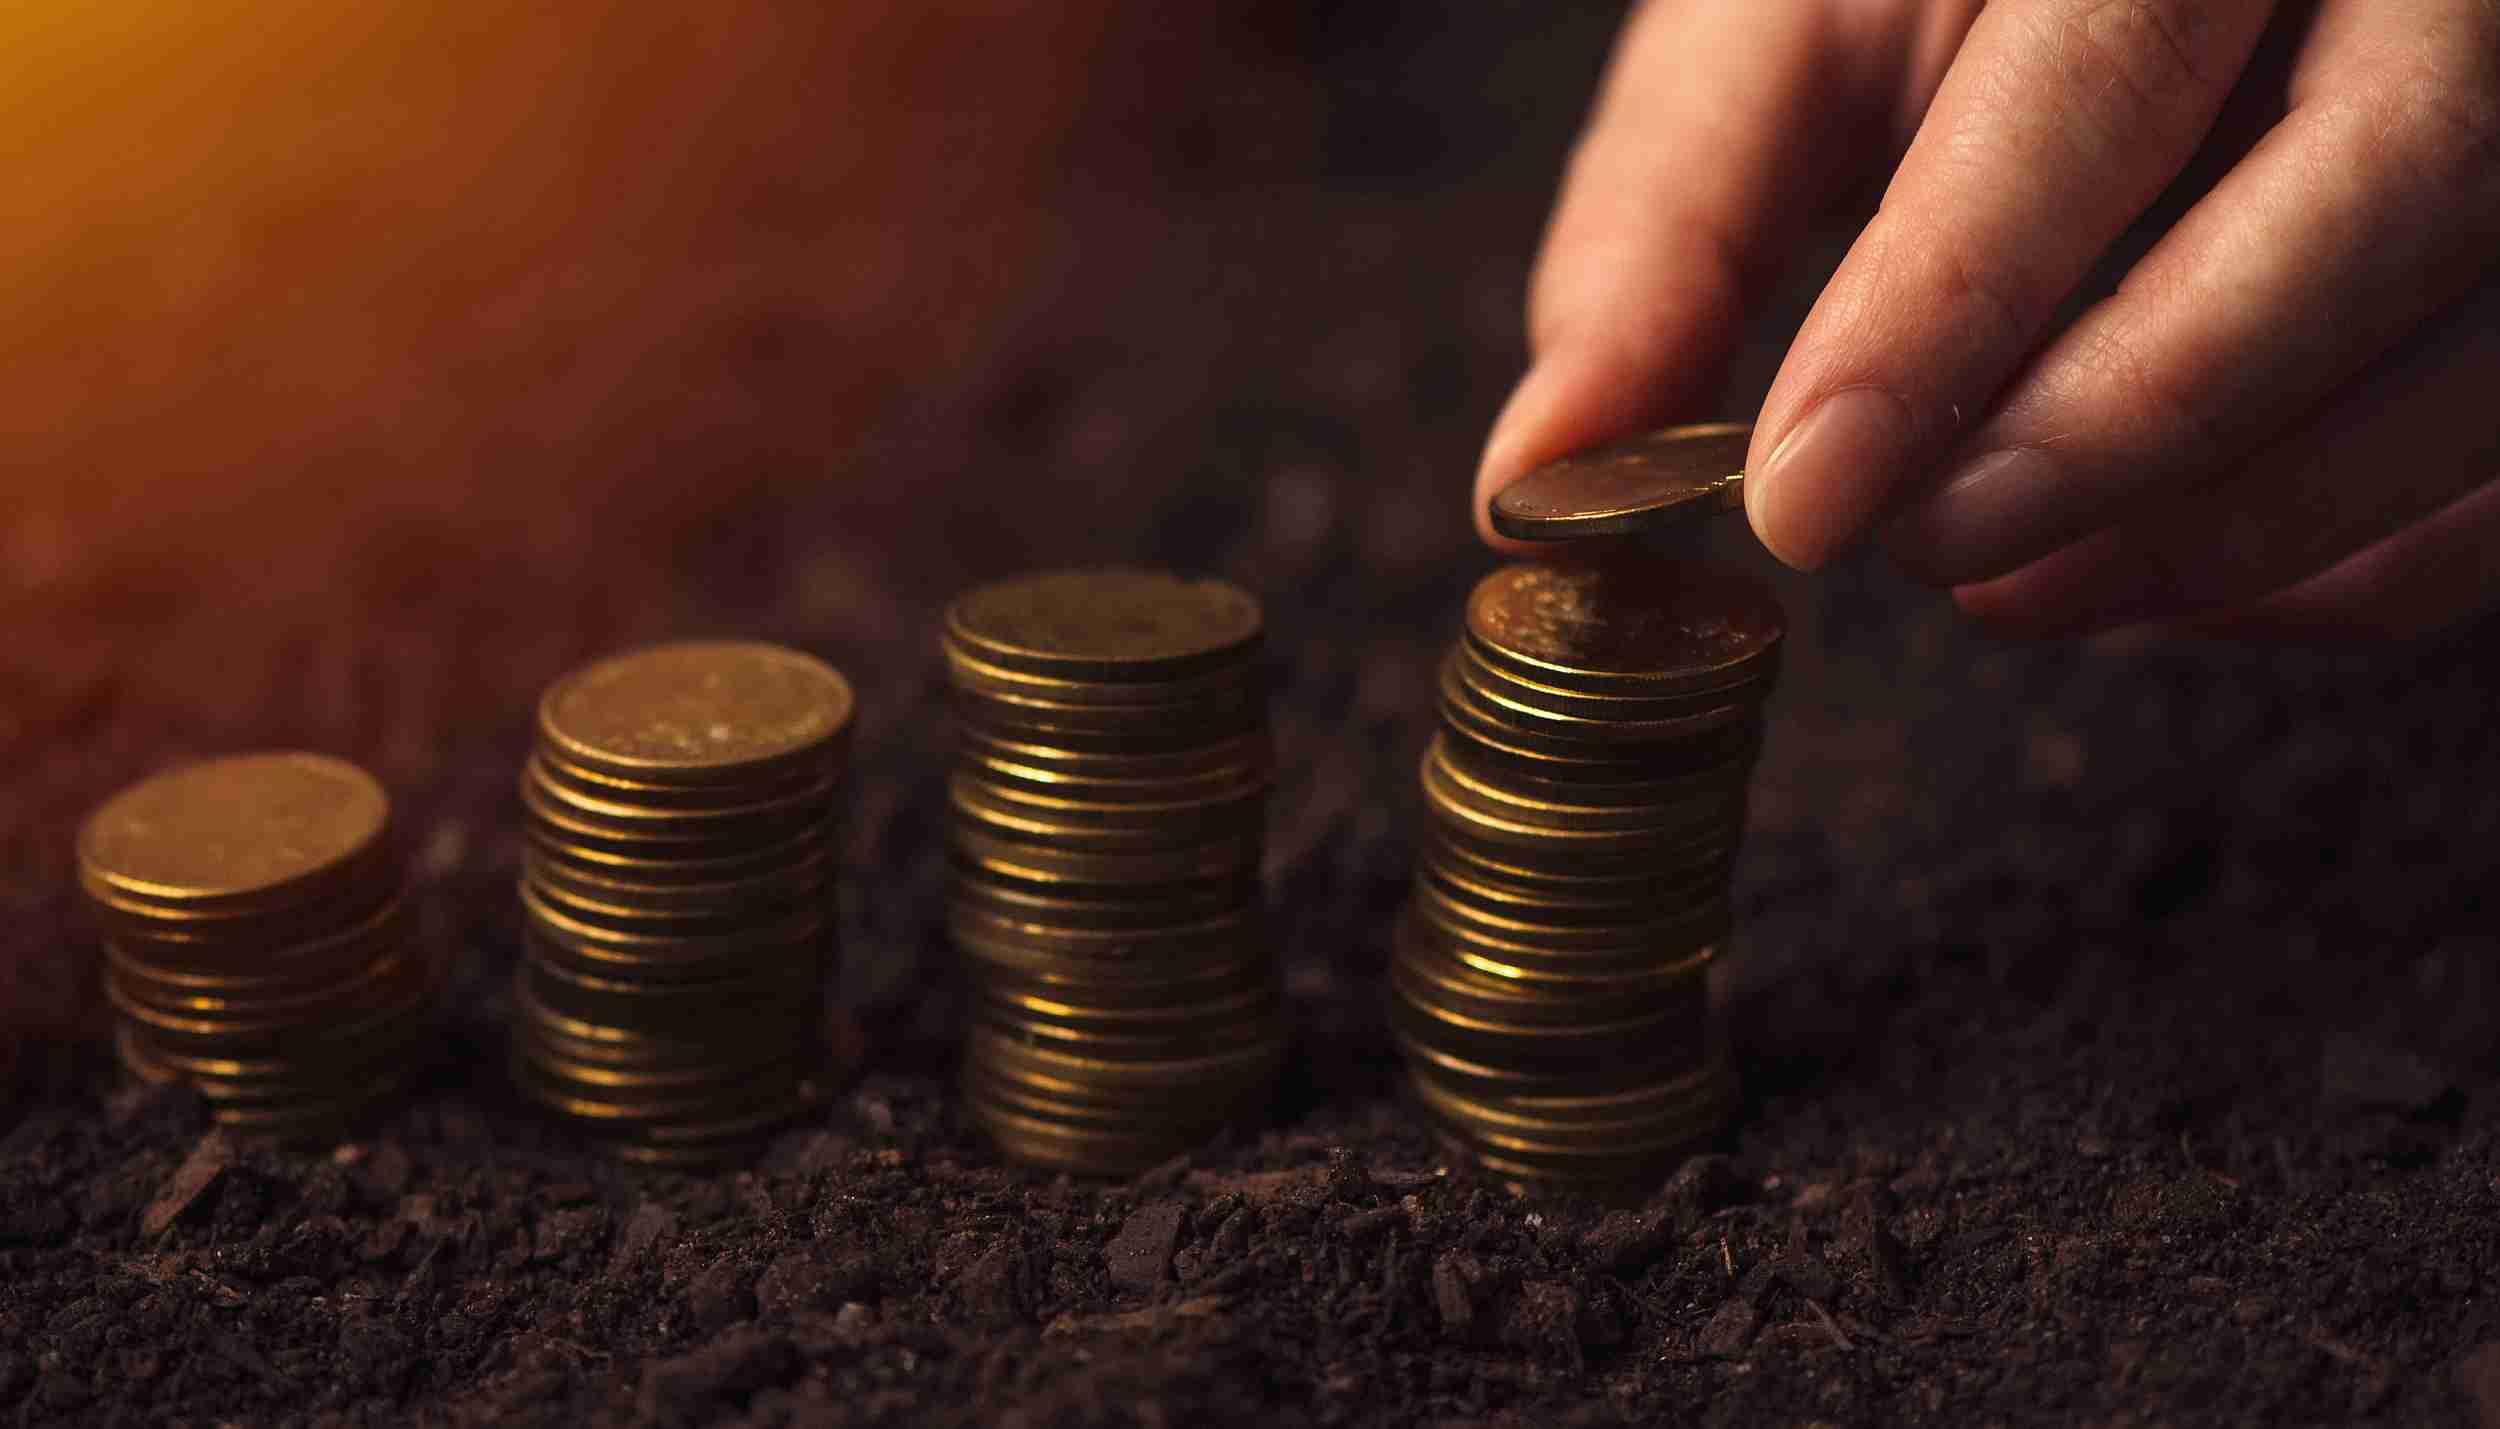 经济参考报:国地税合并提速 改革时间表已明确